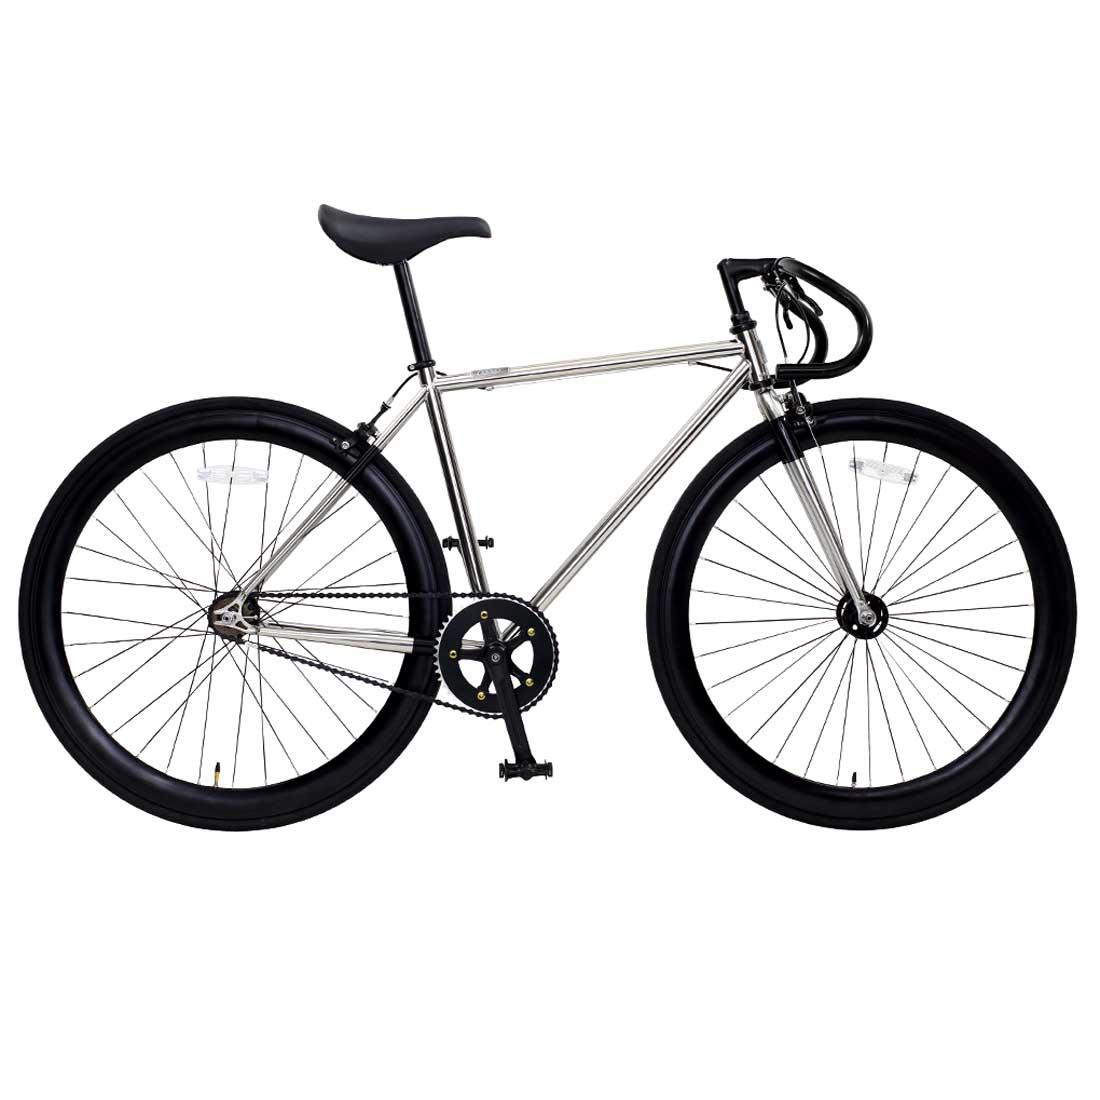 ピスト 700C シングルスピード ディープリム クロスバイク ロードバイク おしゃれ 自転車 通勤 通学 OSSO R100-CR ホワイトゴールド オッソ メンズ レディース